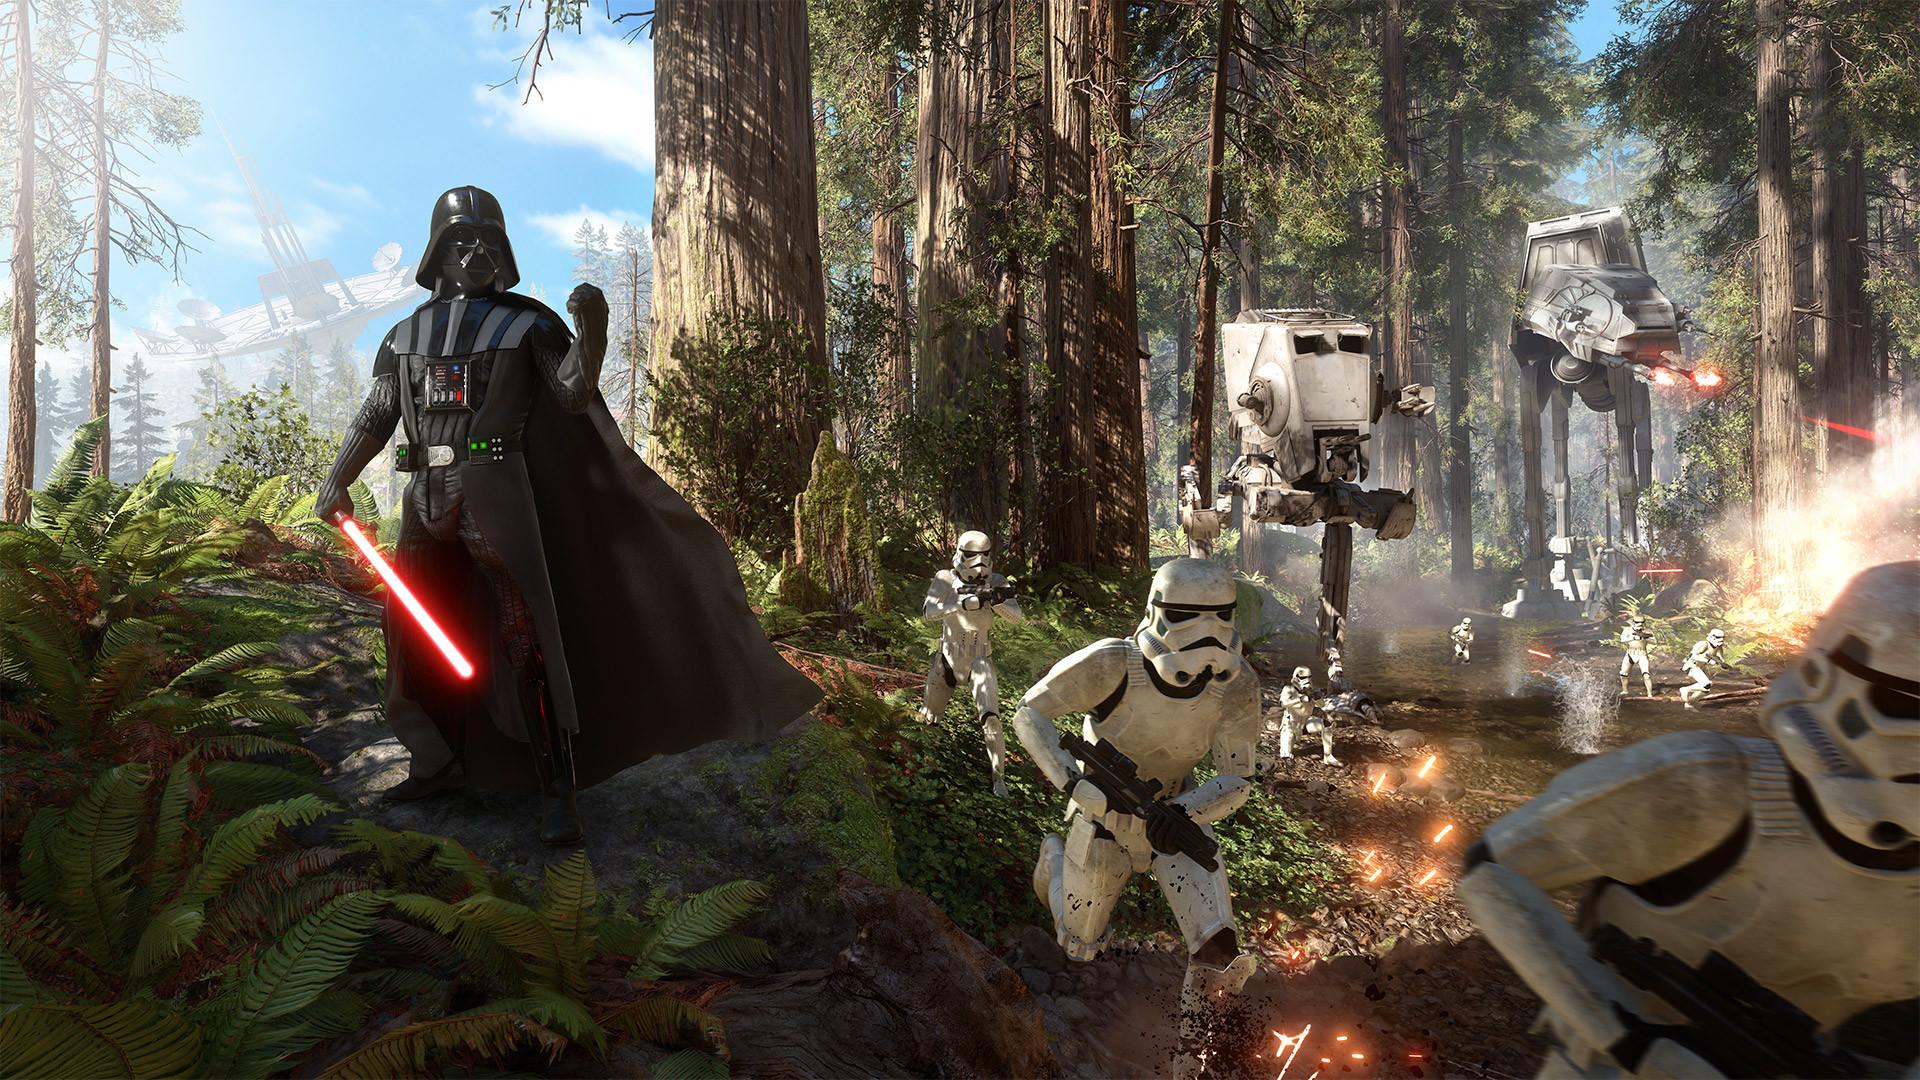 Star Wars Battlefront 2015 Action Wallpaper Star Wars Battlefront 2015  Background